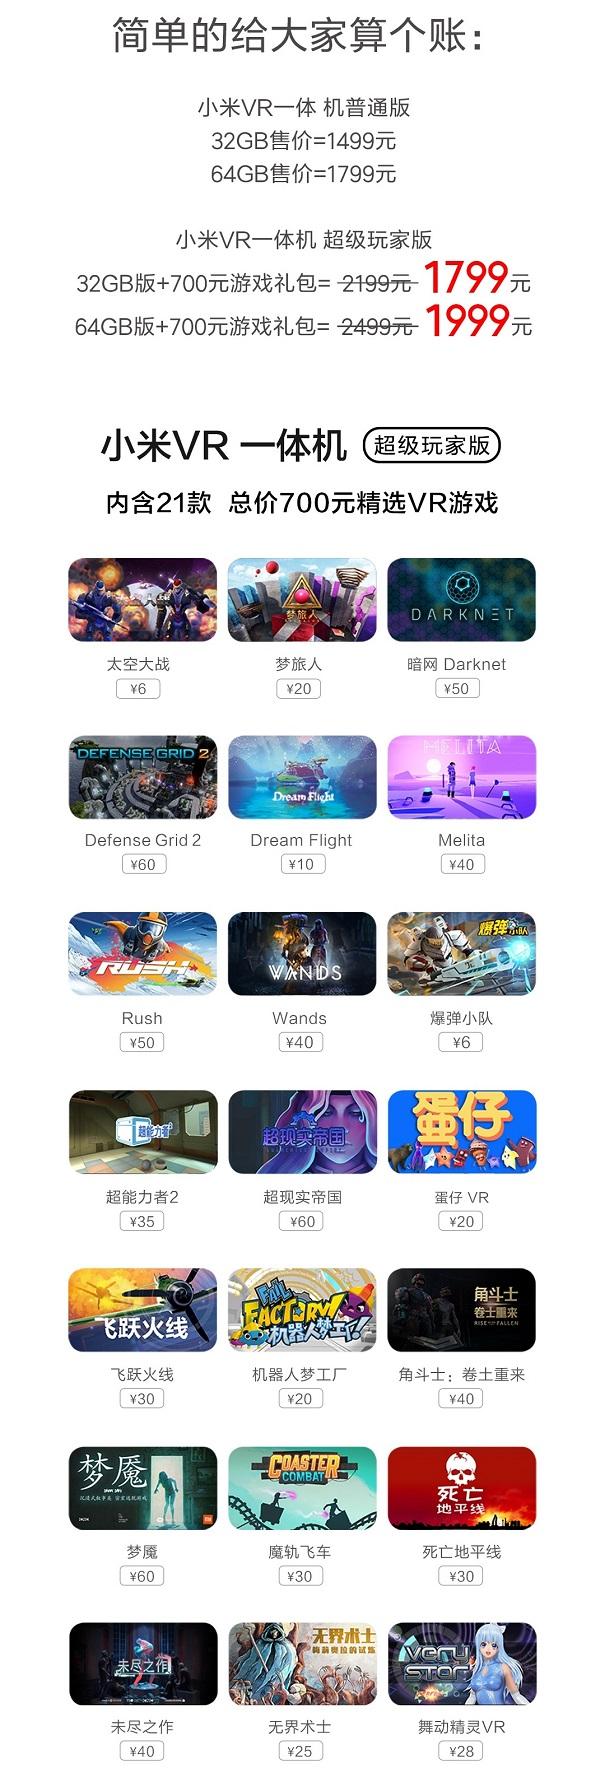 21 game được tặng kèm khi mua Xiaomi VR All-in-One Super Player